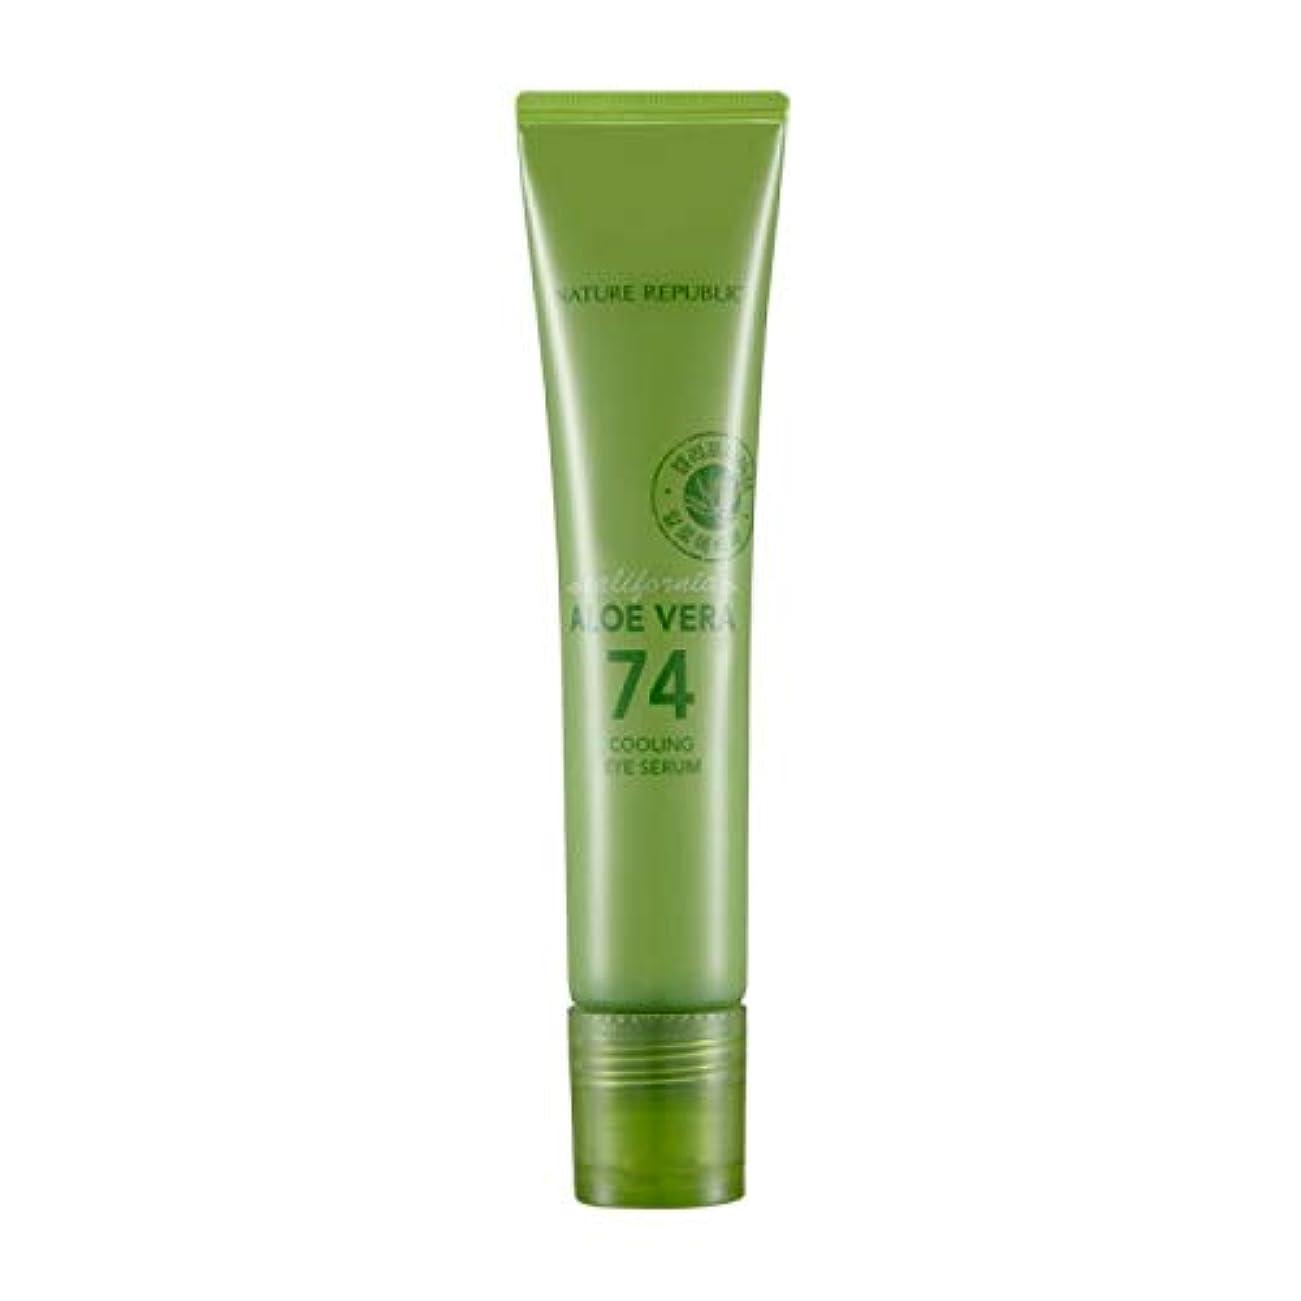 副詞赤依存ネイチャーリパブリック(Nature Republic)カリフォルニアアロエベラ74%クーリングアイセラム 15ml / California Aloe Vera 74 Cooling Eye Serum 15ml ::...